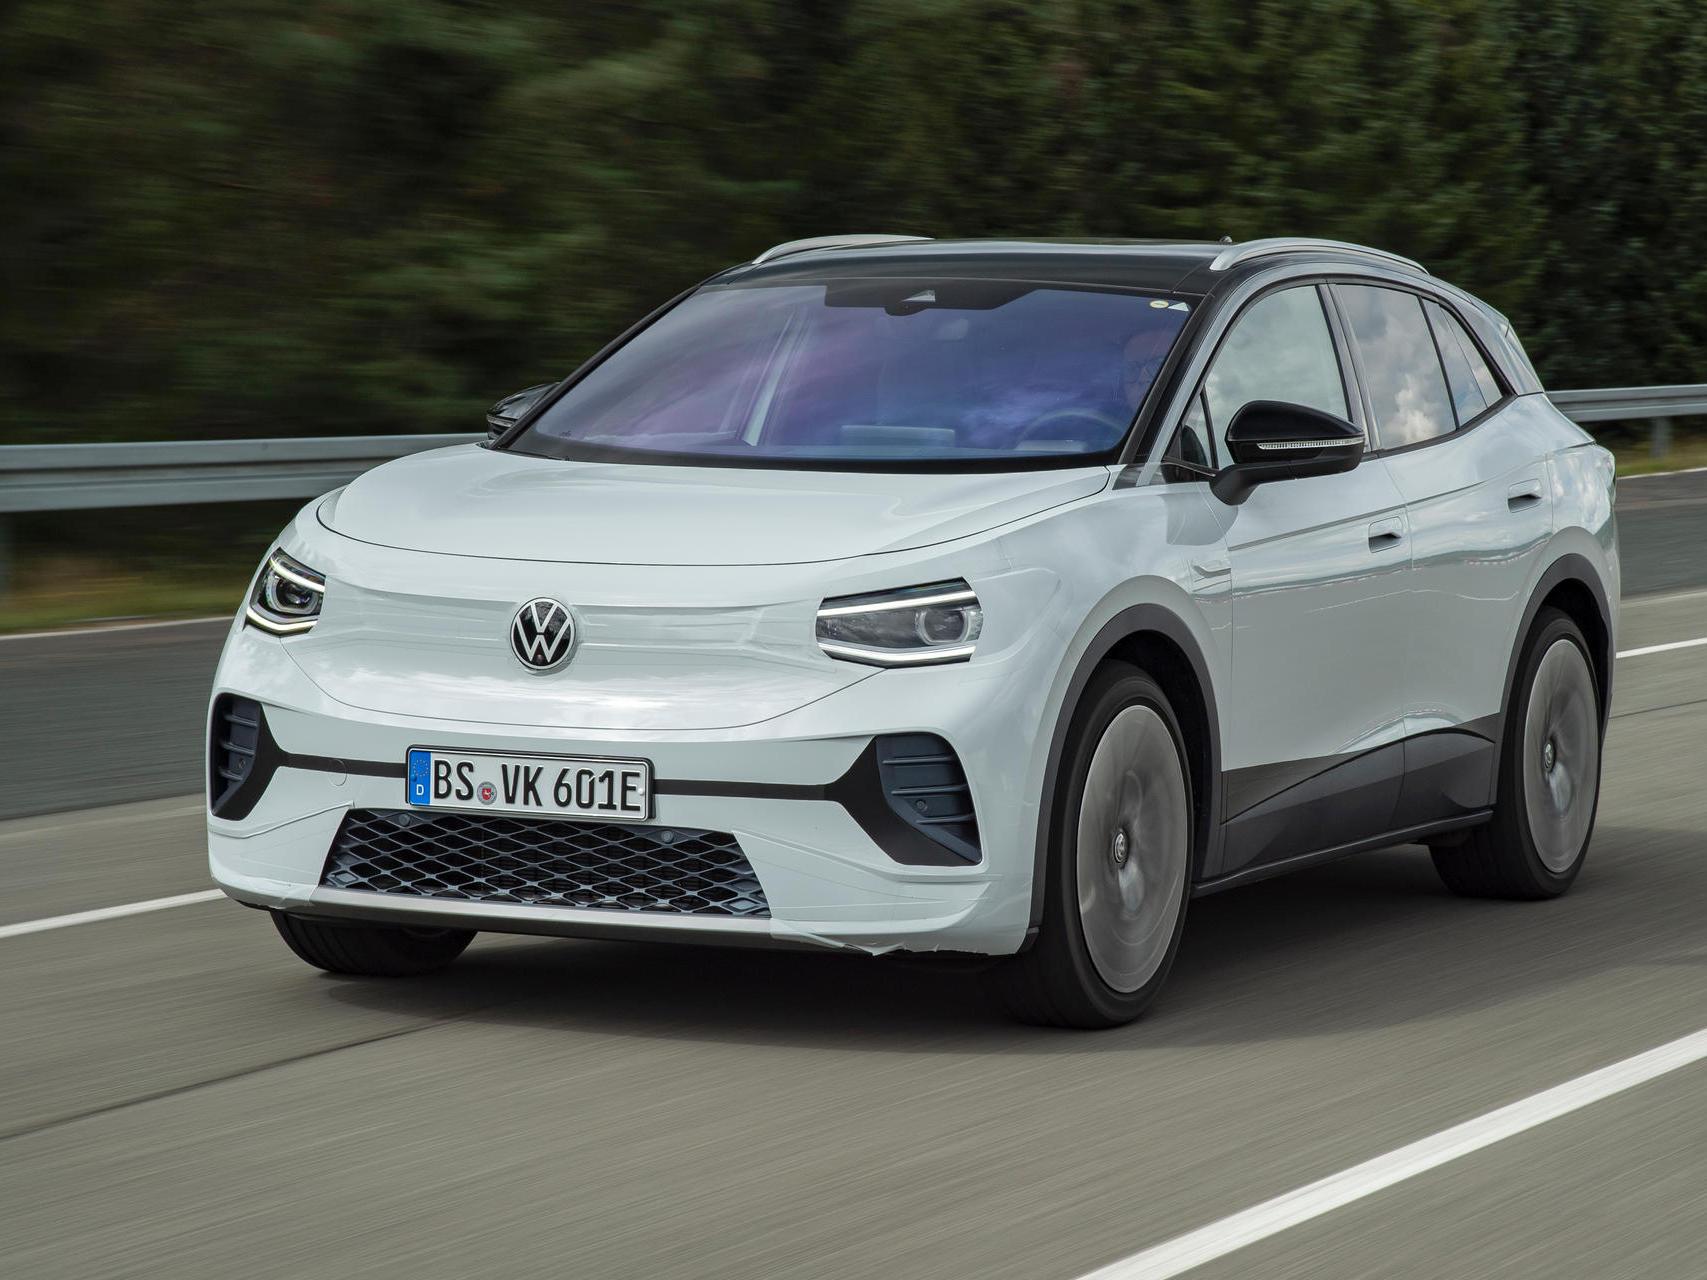 В преддверии дебюта первого кроссовера Volkswagen на электротяге – модели ID.4 – концерн рассказал о своих планах относительно «батарейного» паркетника: ежегодный тираж новинки должен достичь 500 тысяч экземпляров.